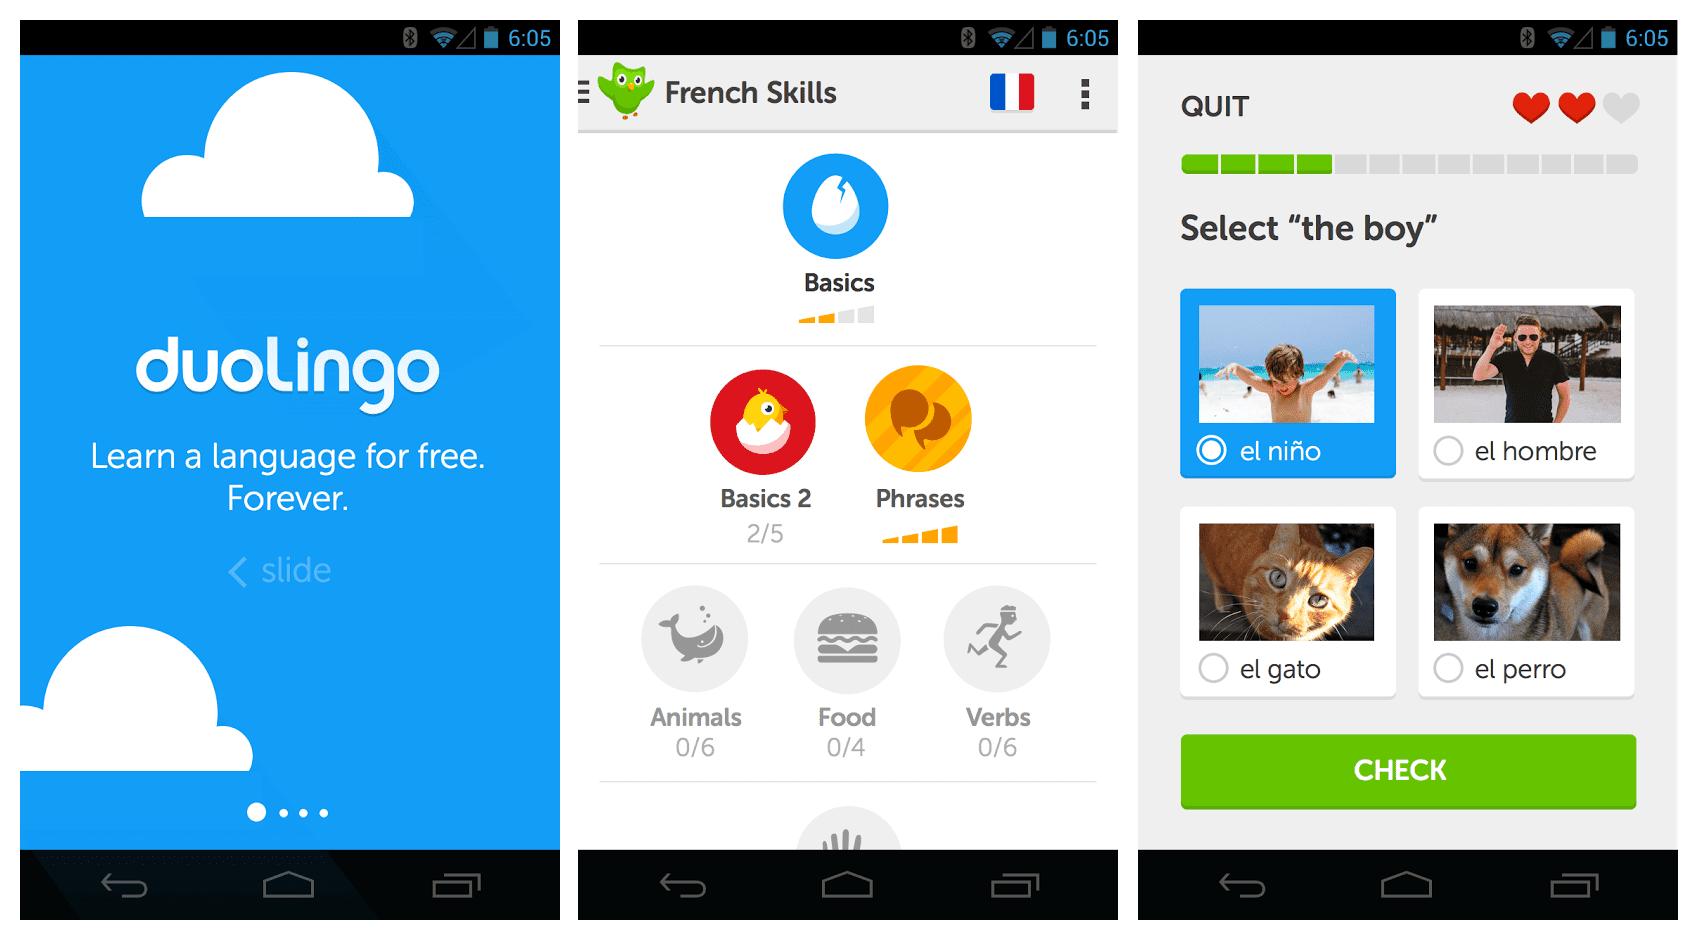 duolingo_screenshots